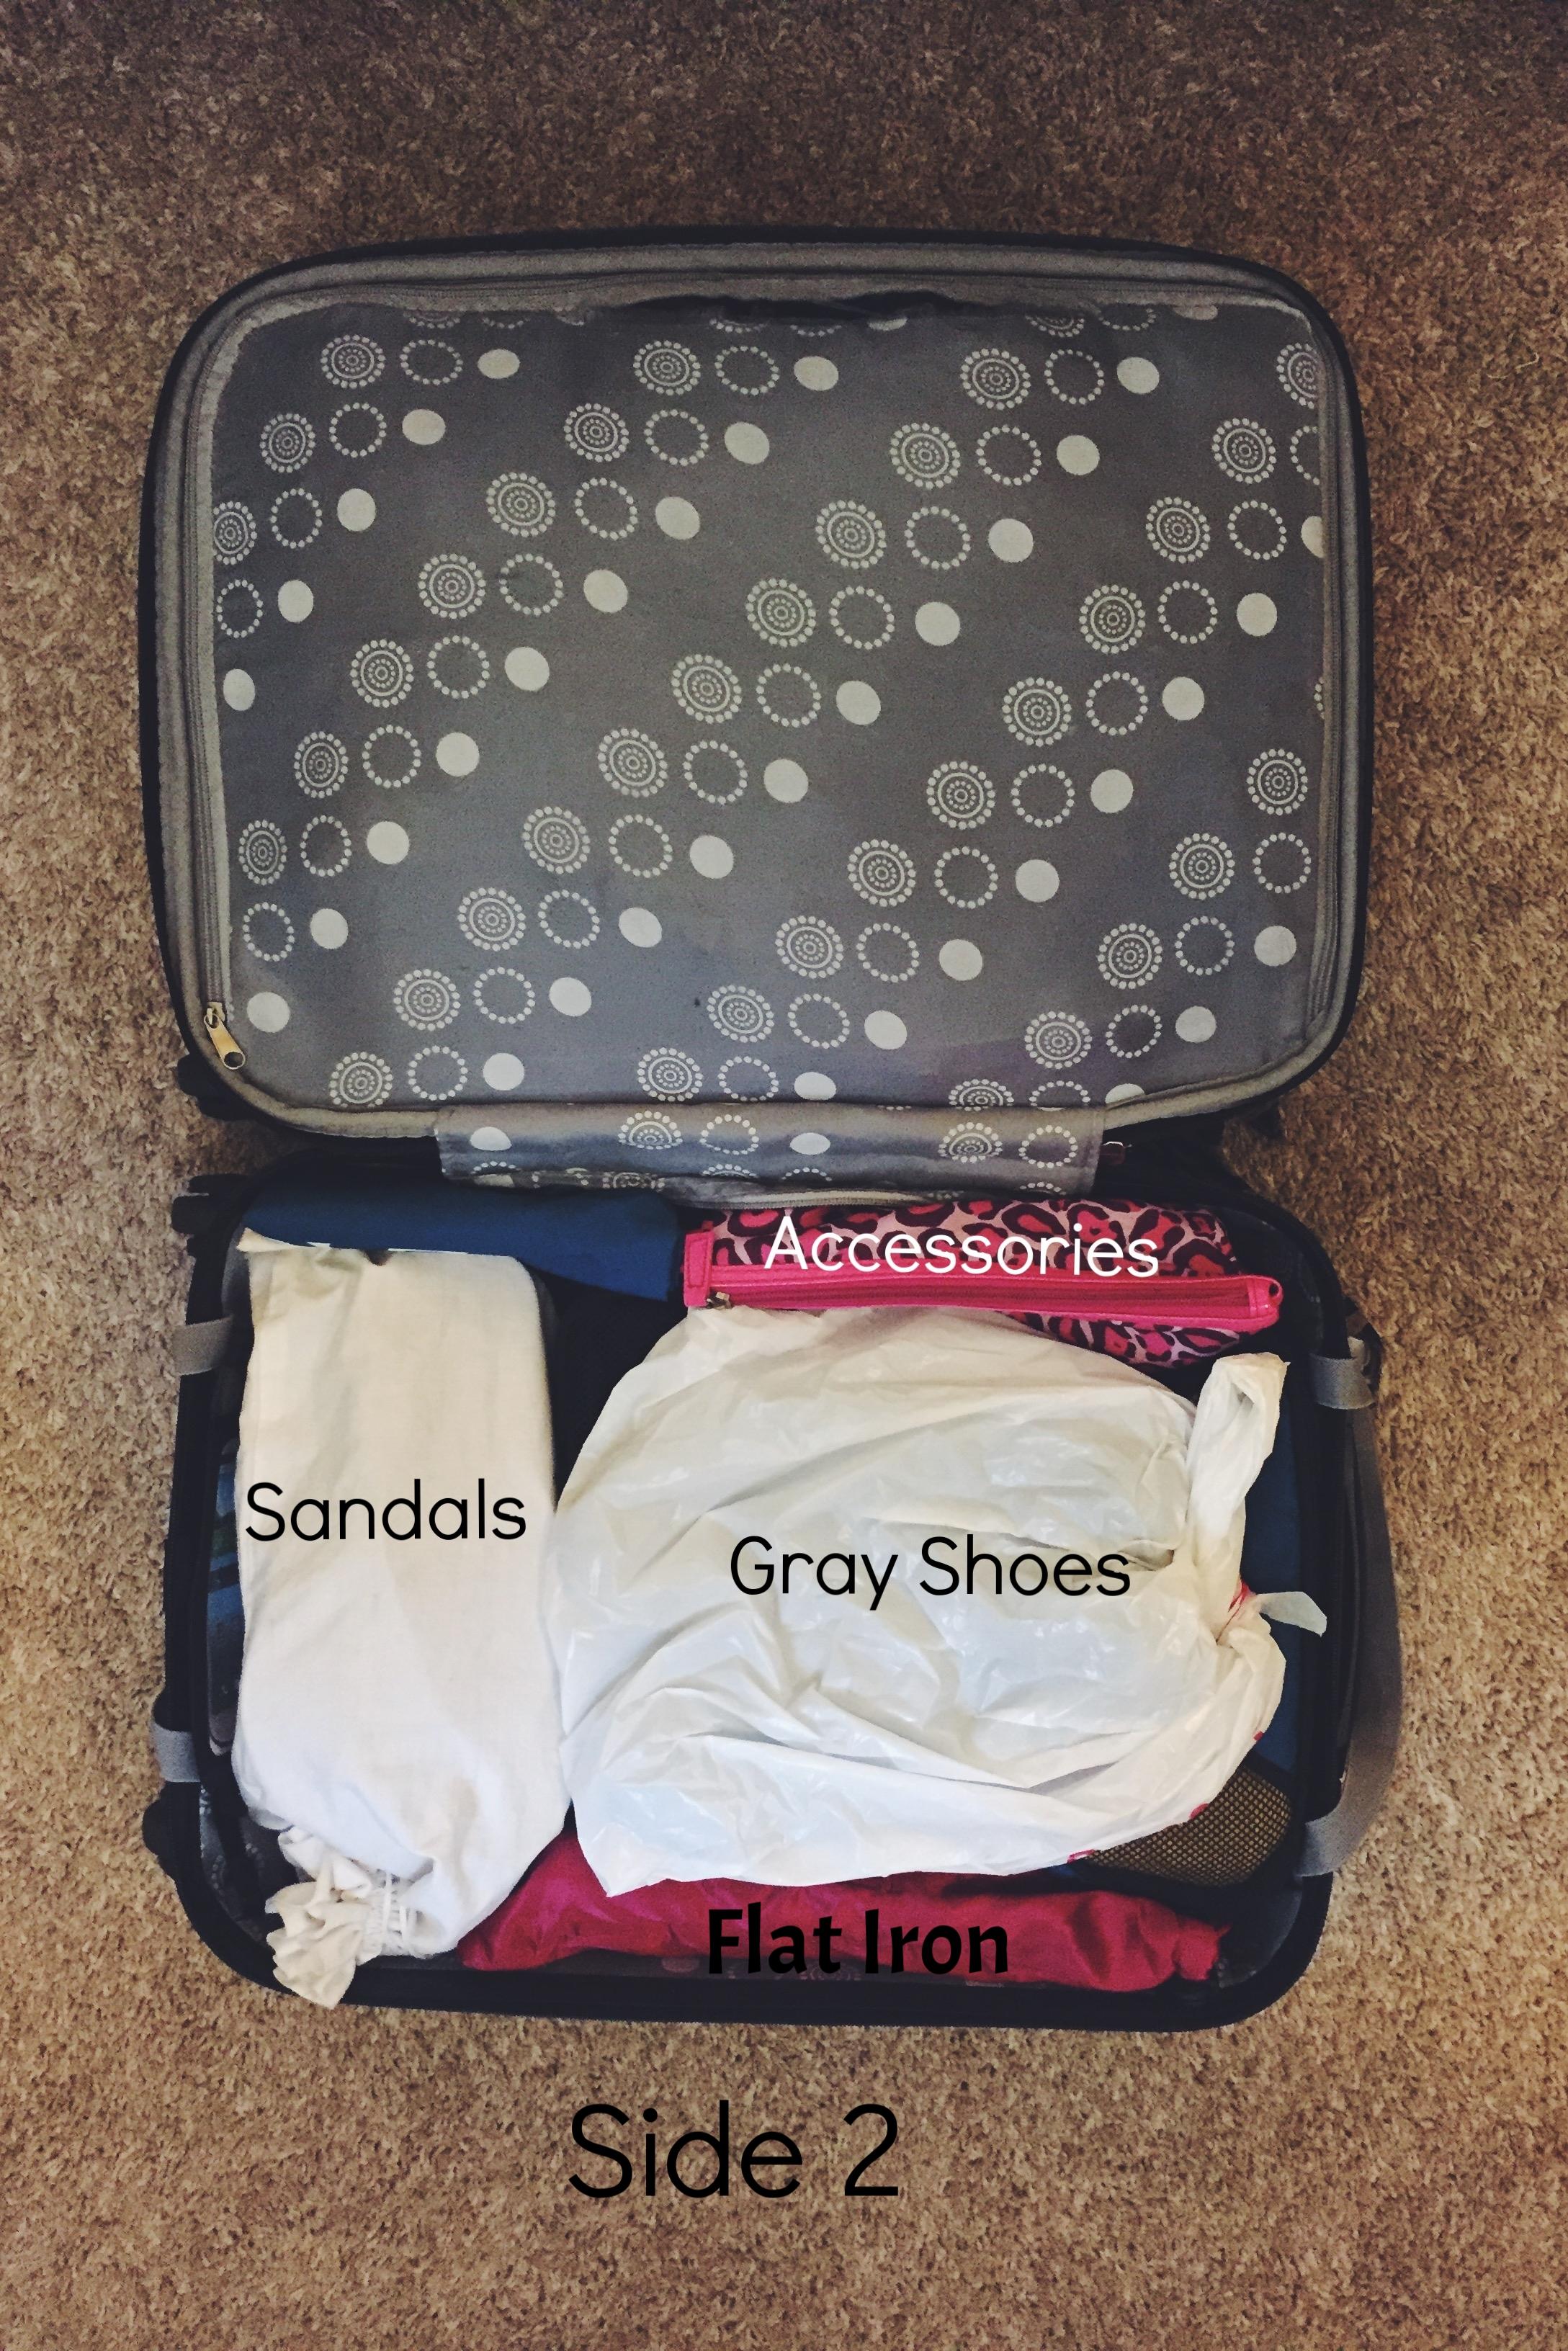 Luggage Layout Explained